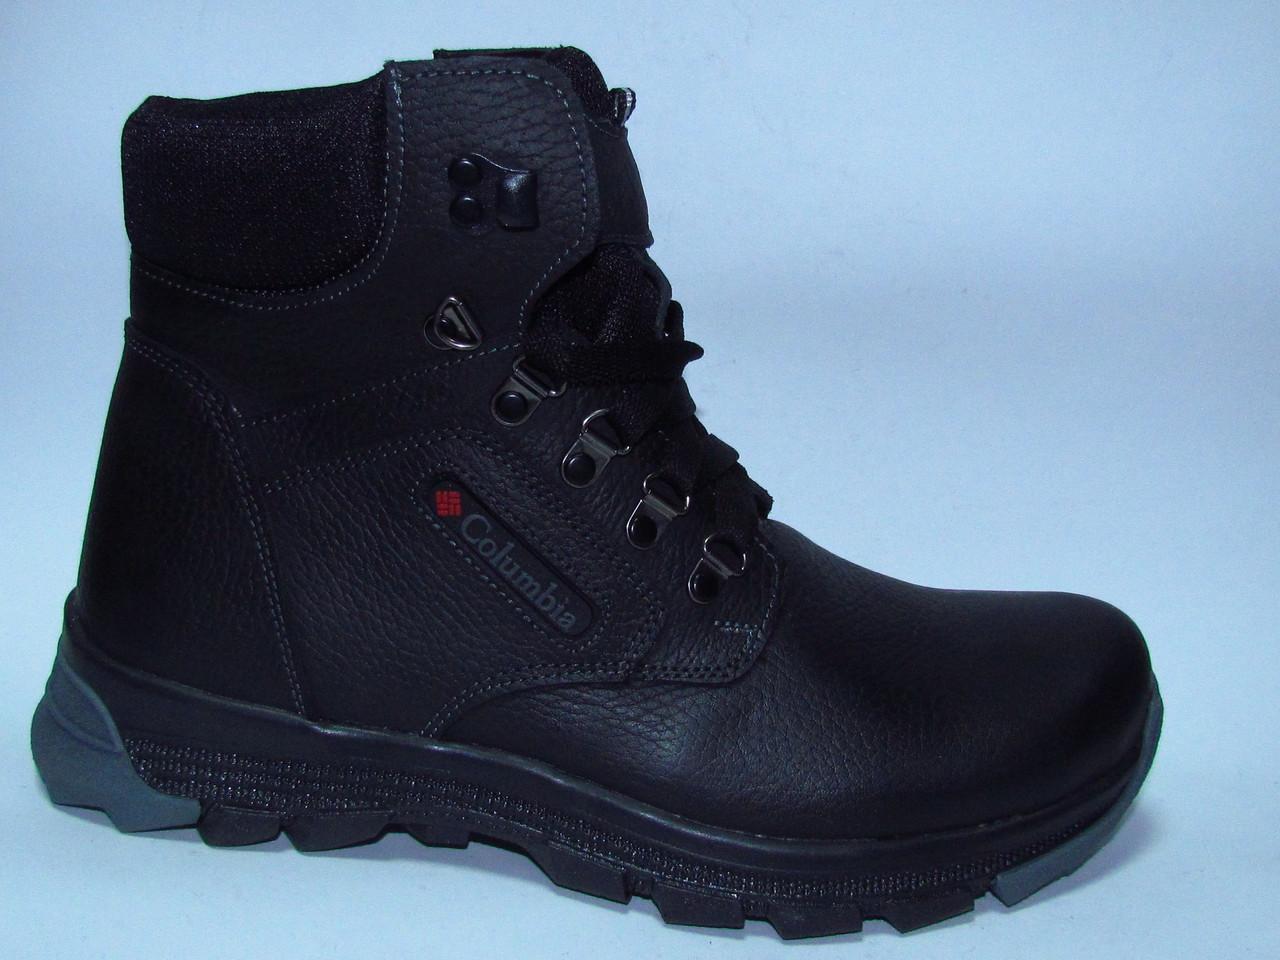 f608a0a4 Ботинки зимние мужские высокие кожаные - интернет-магазин ALLEGRETTO в  Харькове